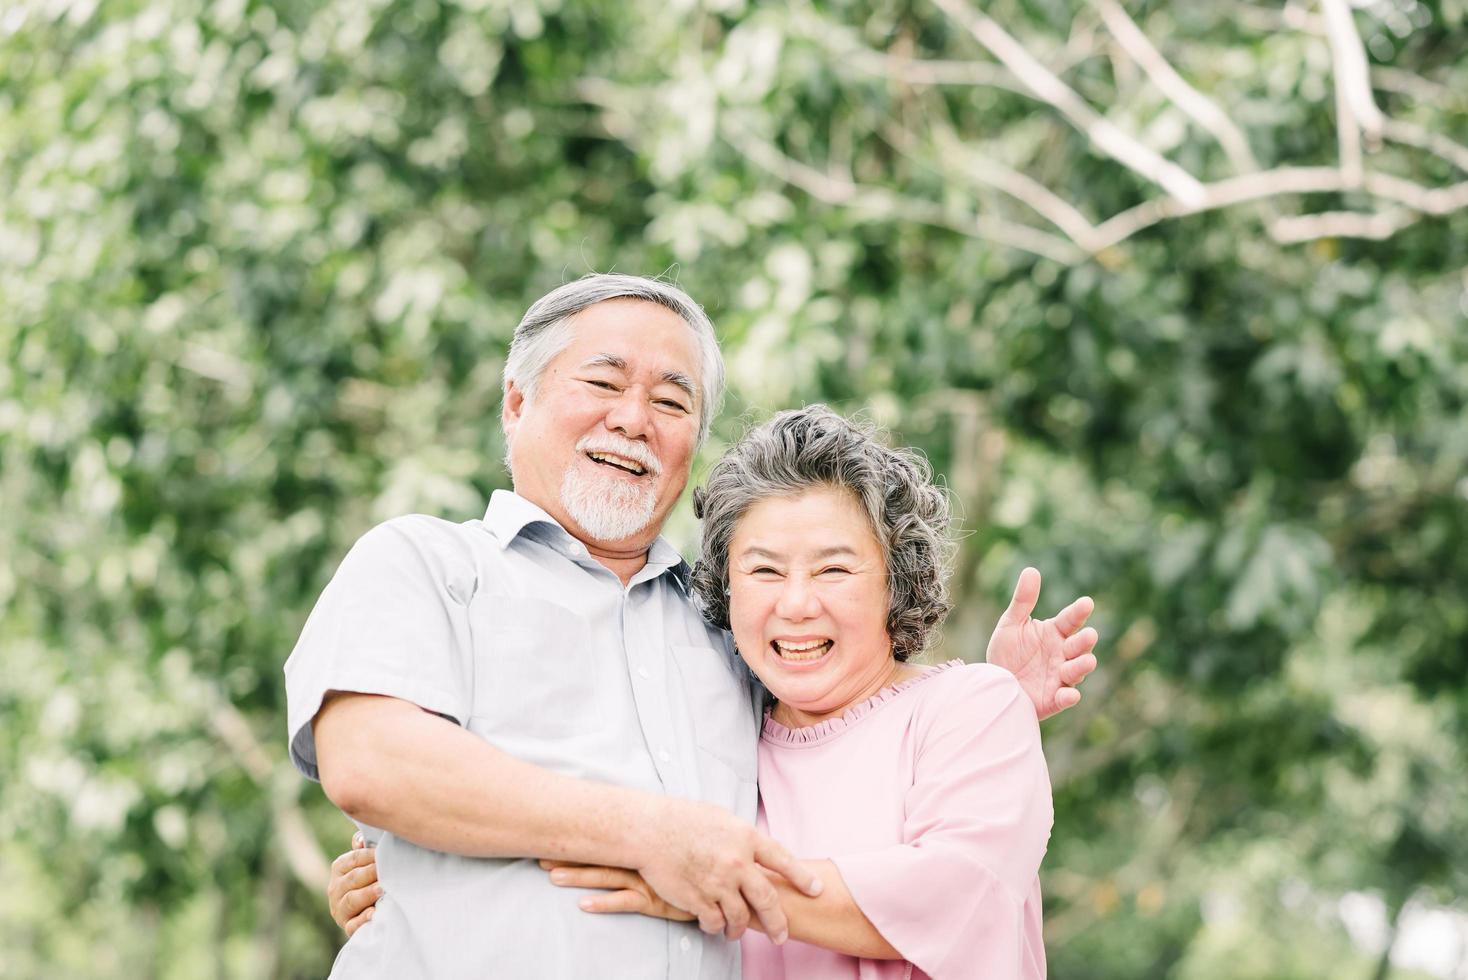 äldre par som omfamnar utanför foto